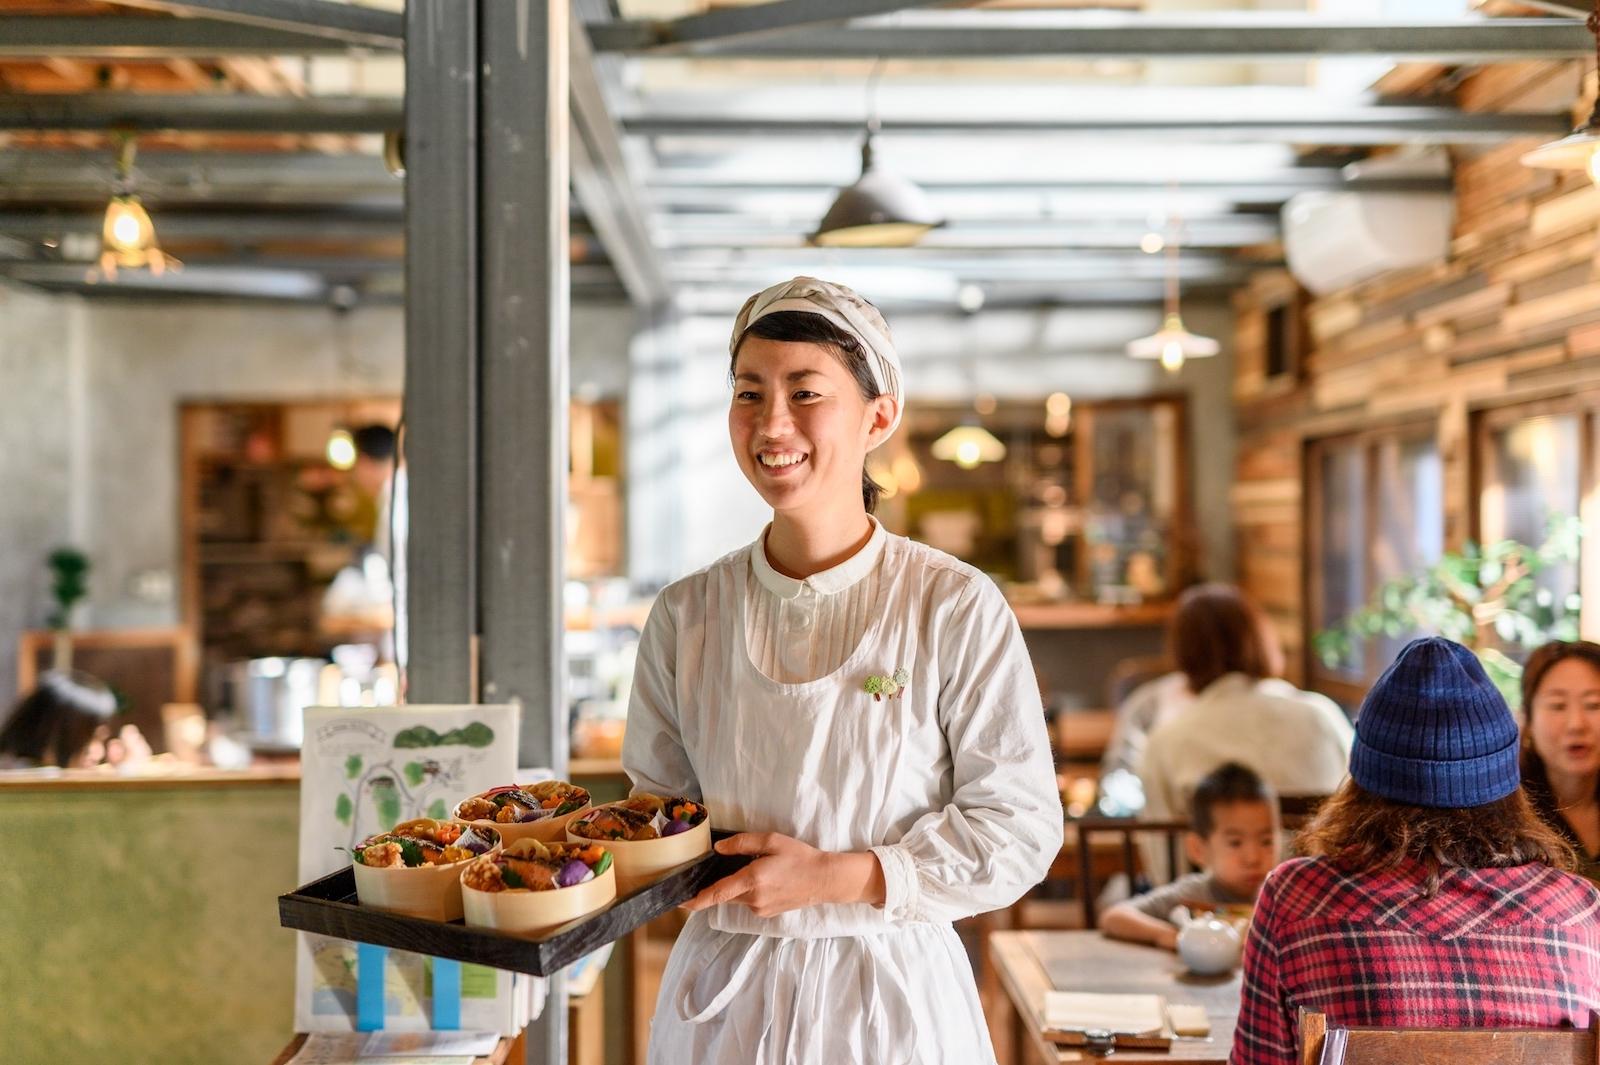 賑わうランチタイム。日替りで「ごはん係」と「おかし係」が料理やデザートを提供